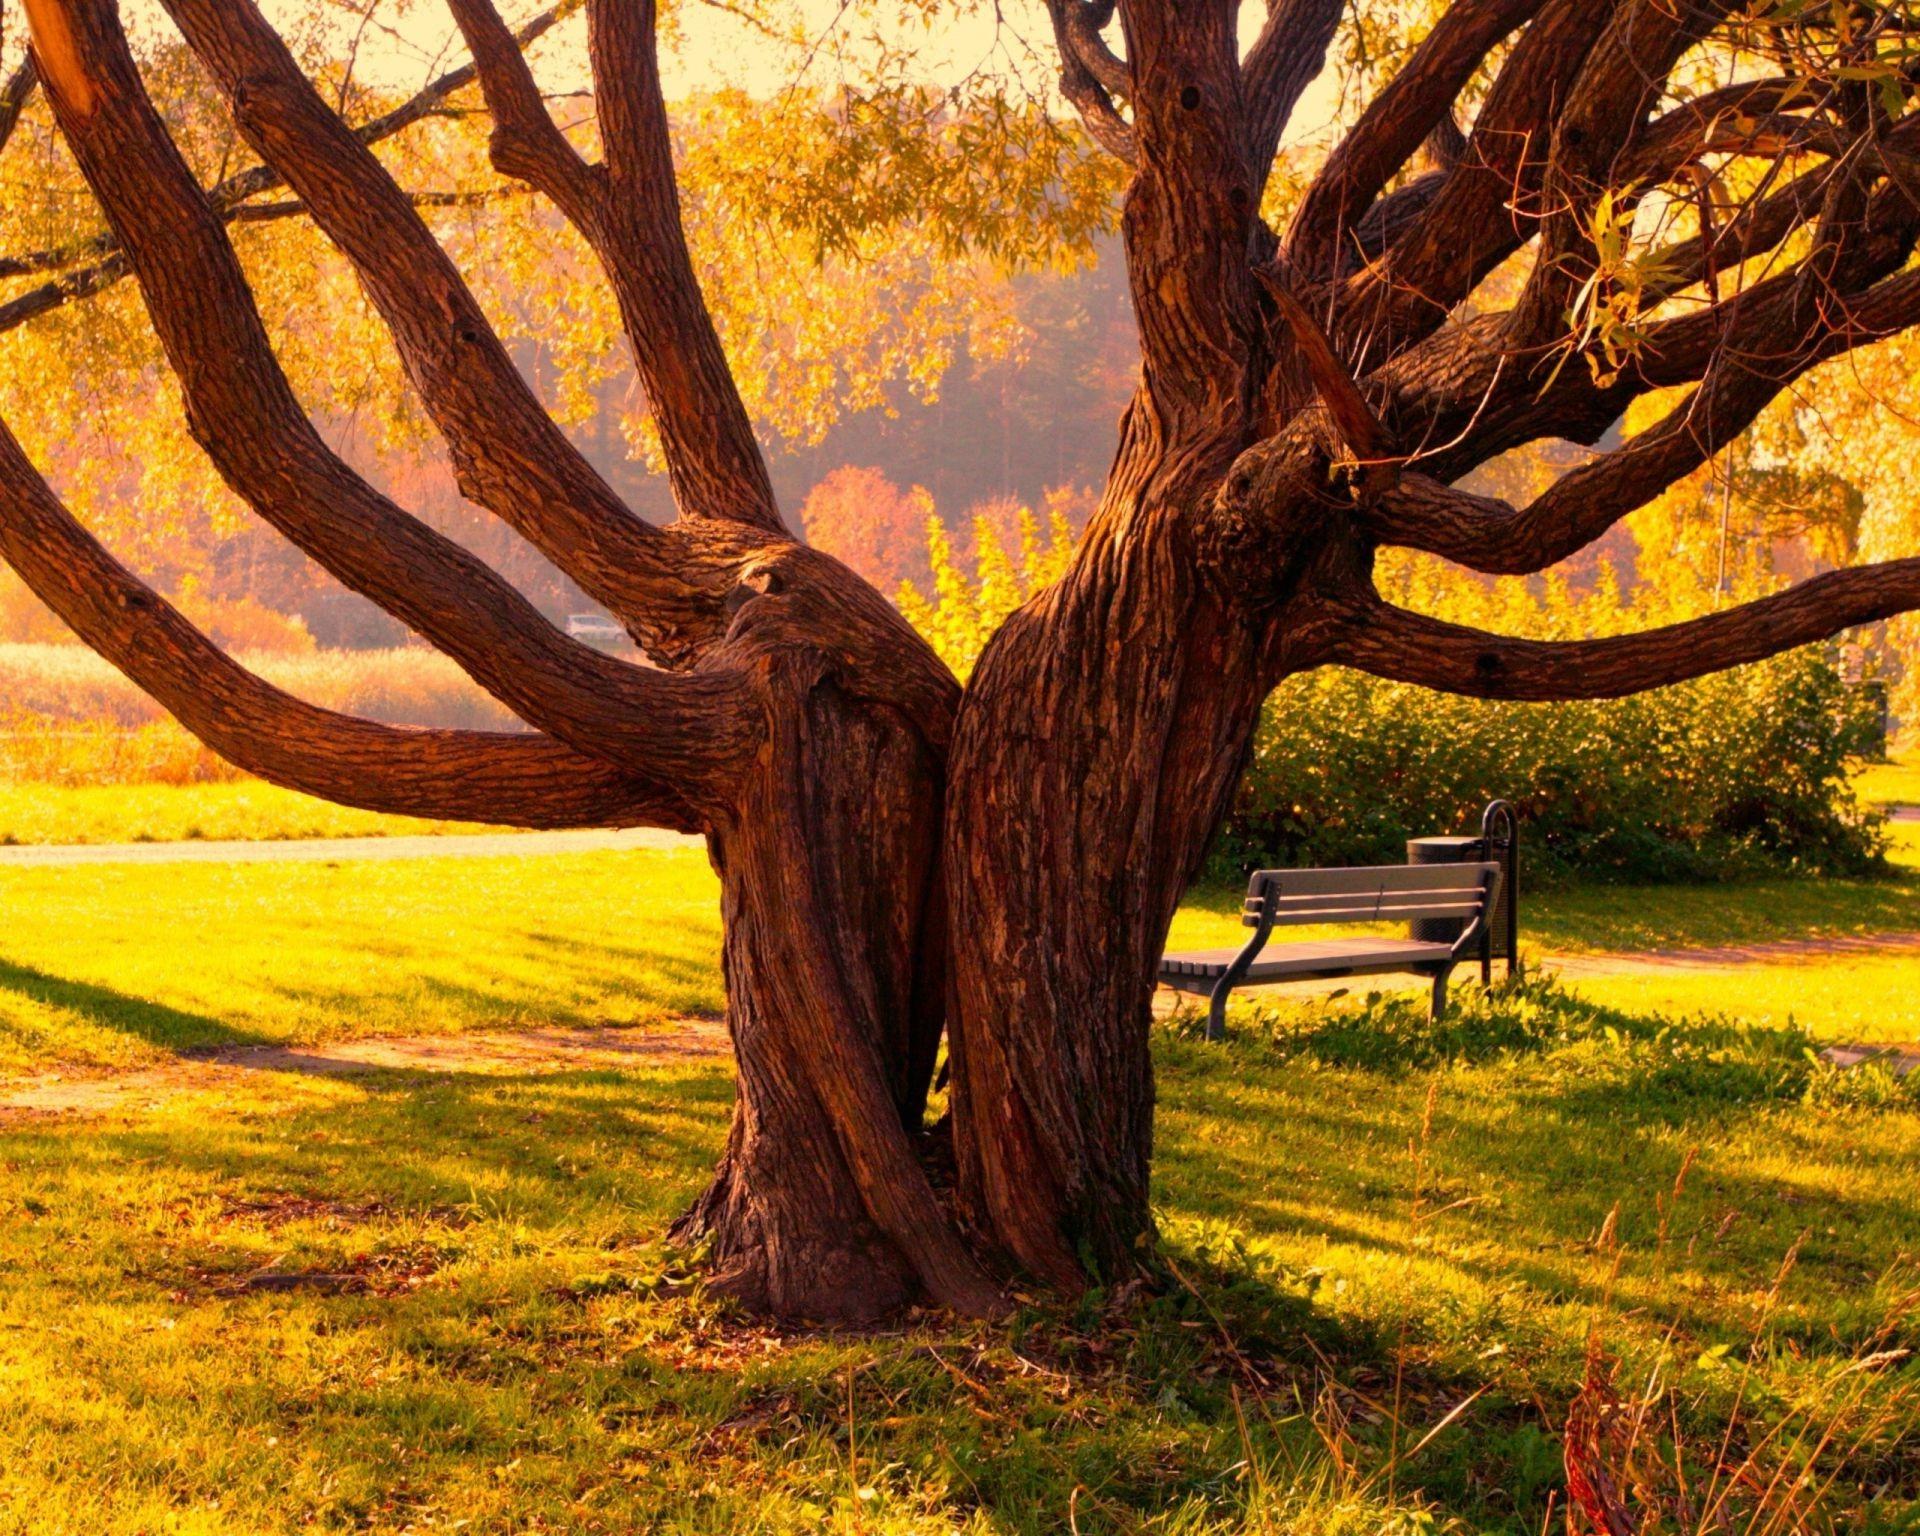 большое дерево бесплатно